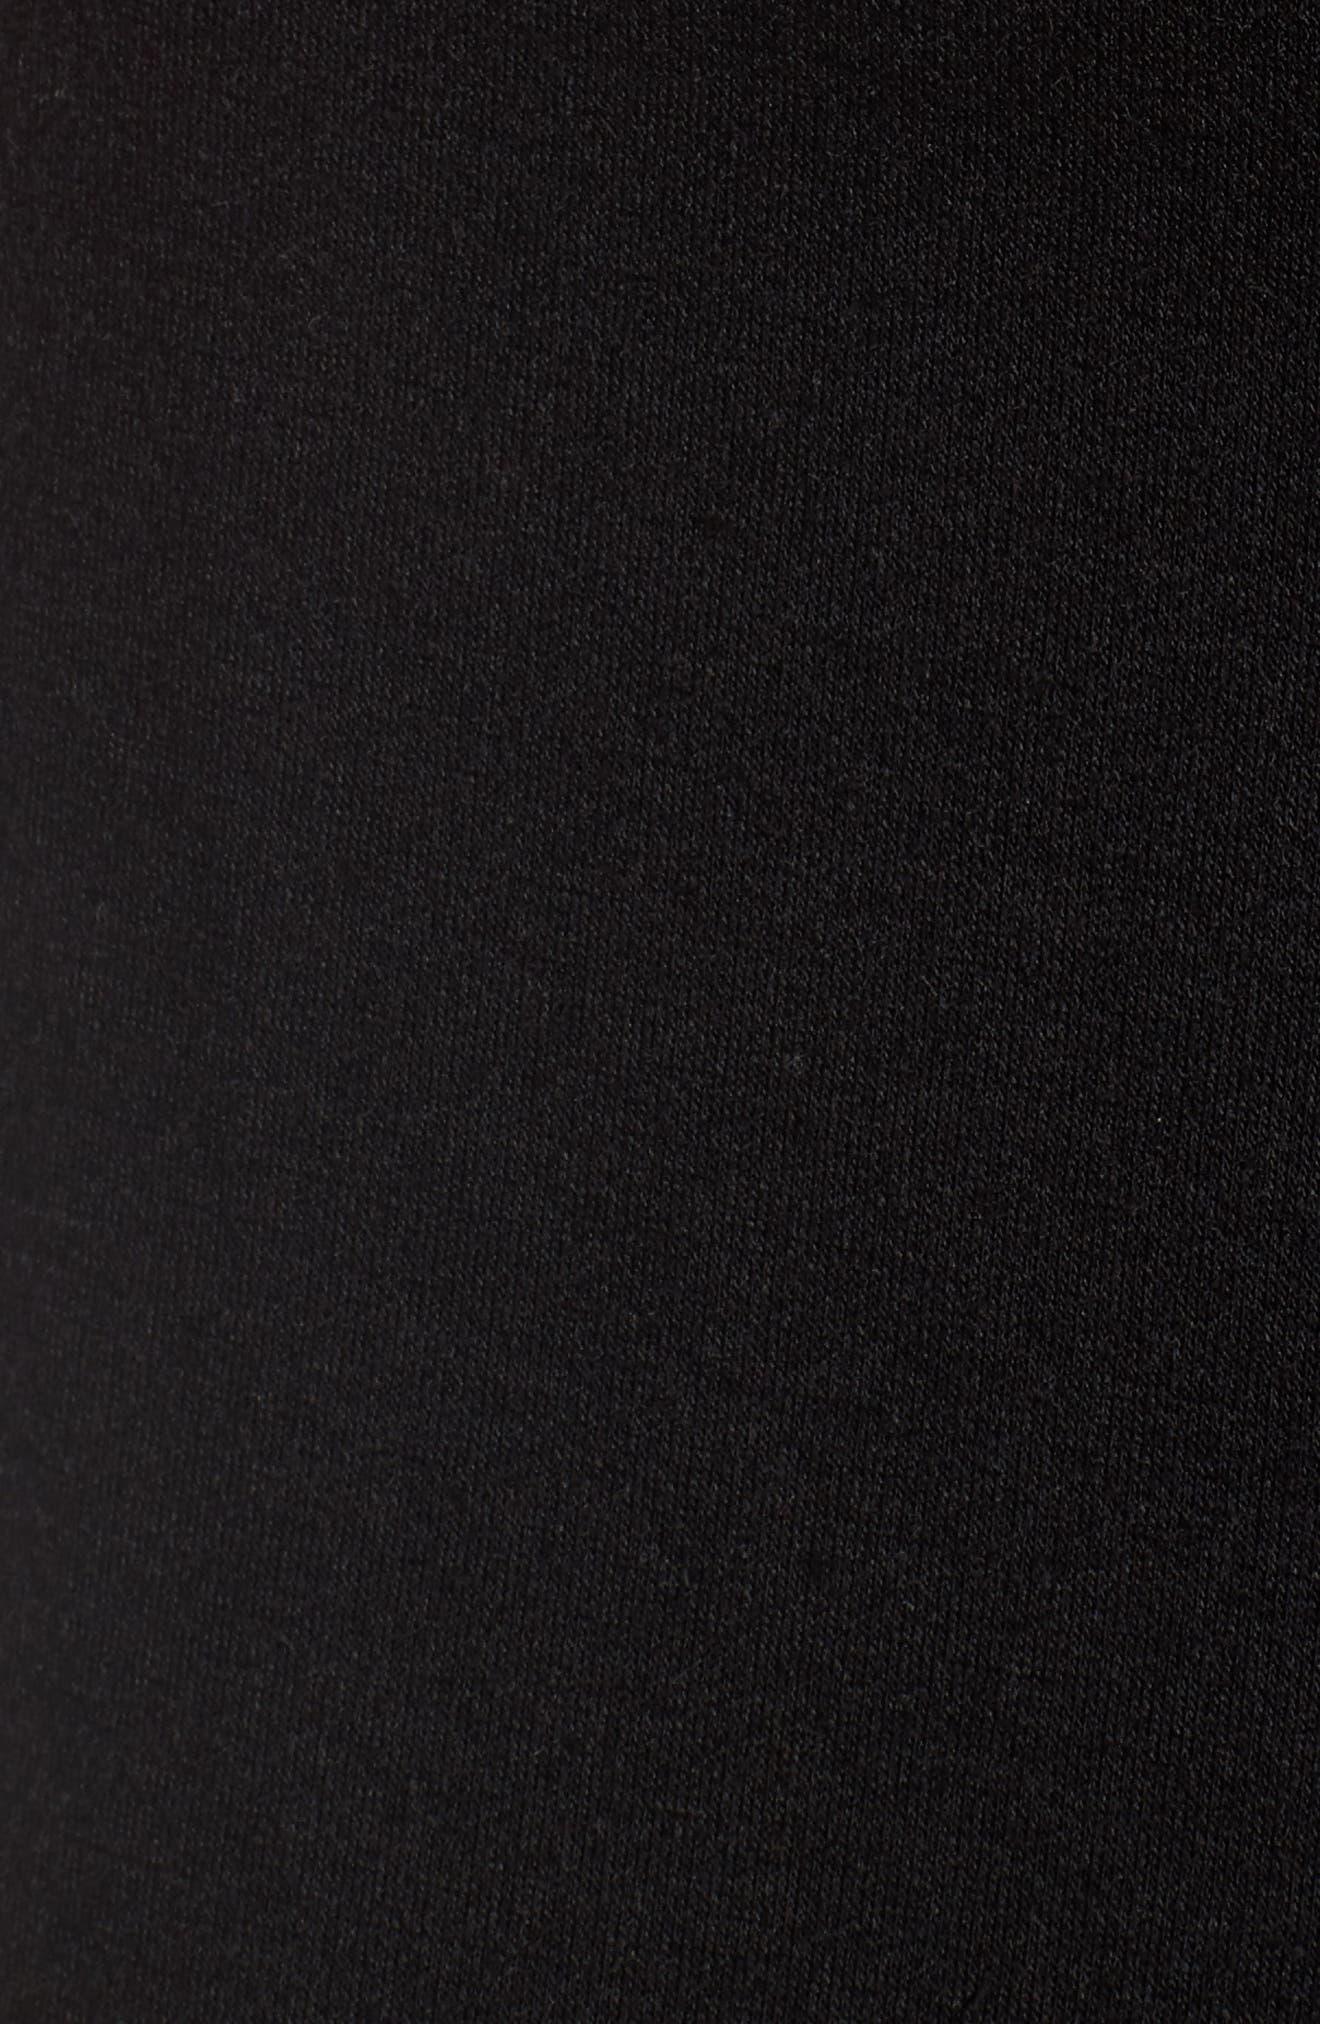 Ruffle Midi Skirt,                             Alternate thumbnail 5, color,                             Black